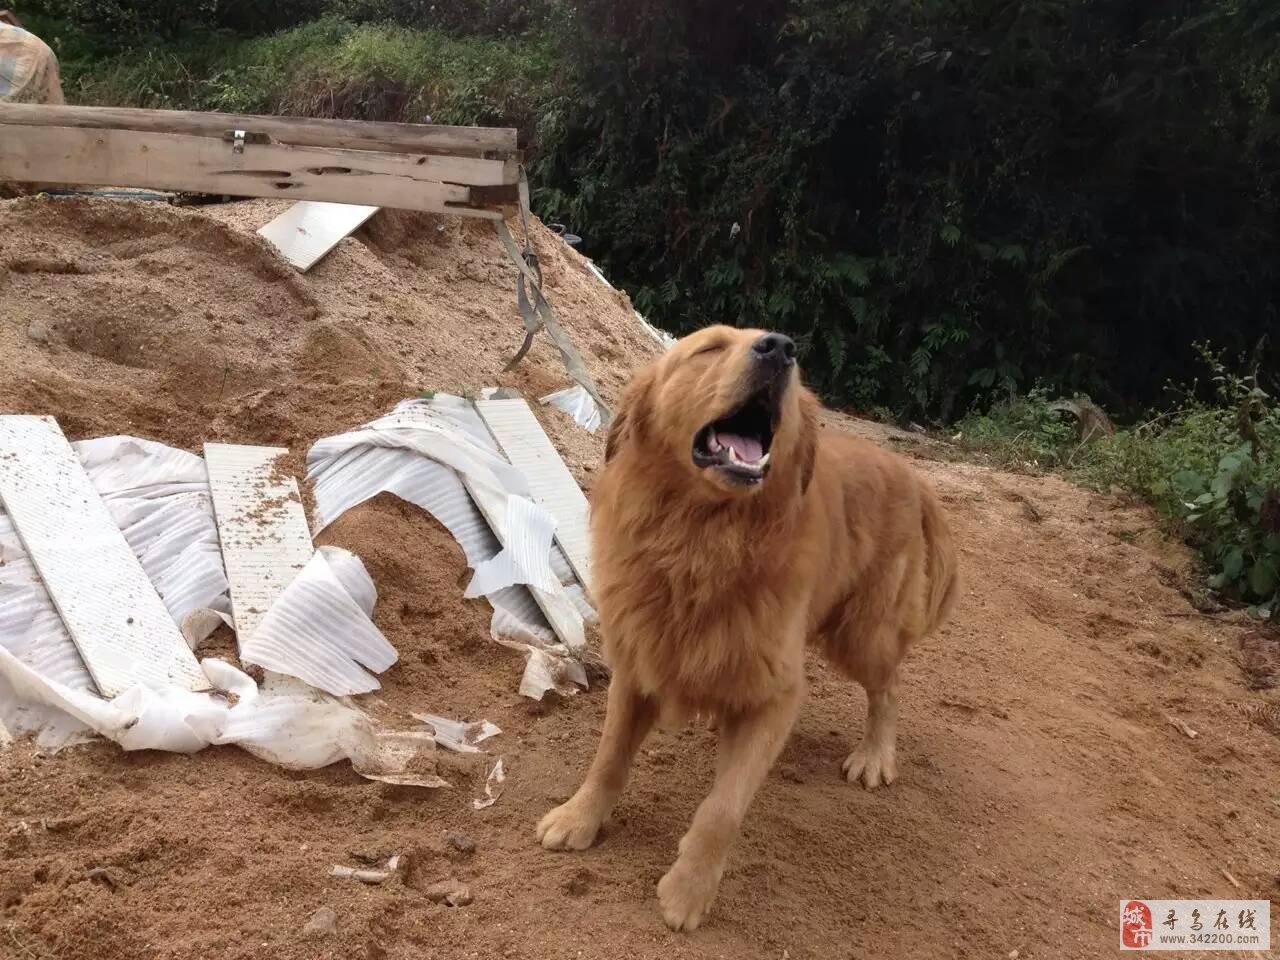 出售狼狗.拉布拉多,金毛幼崽